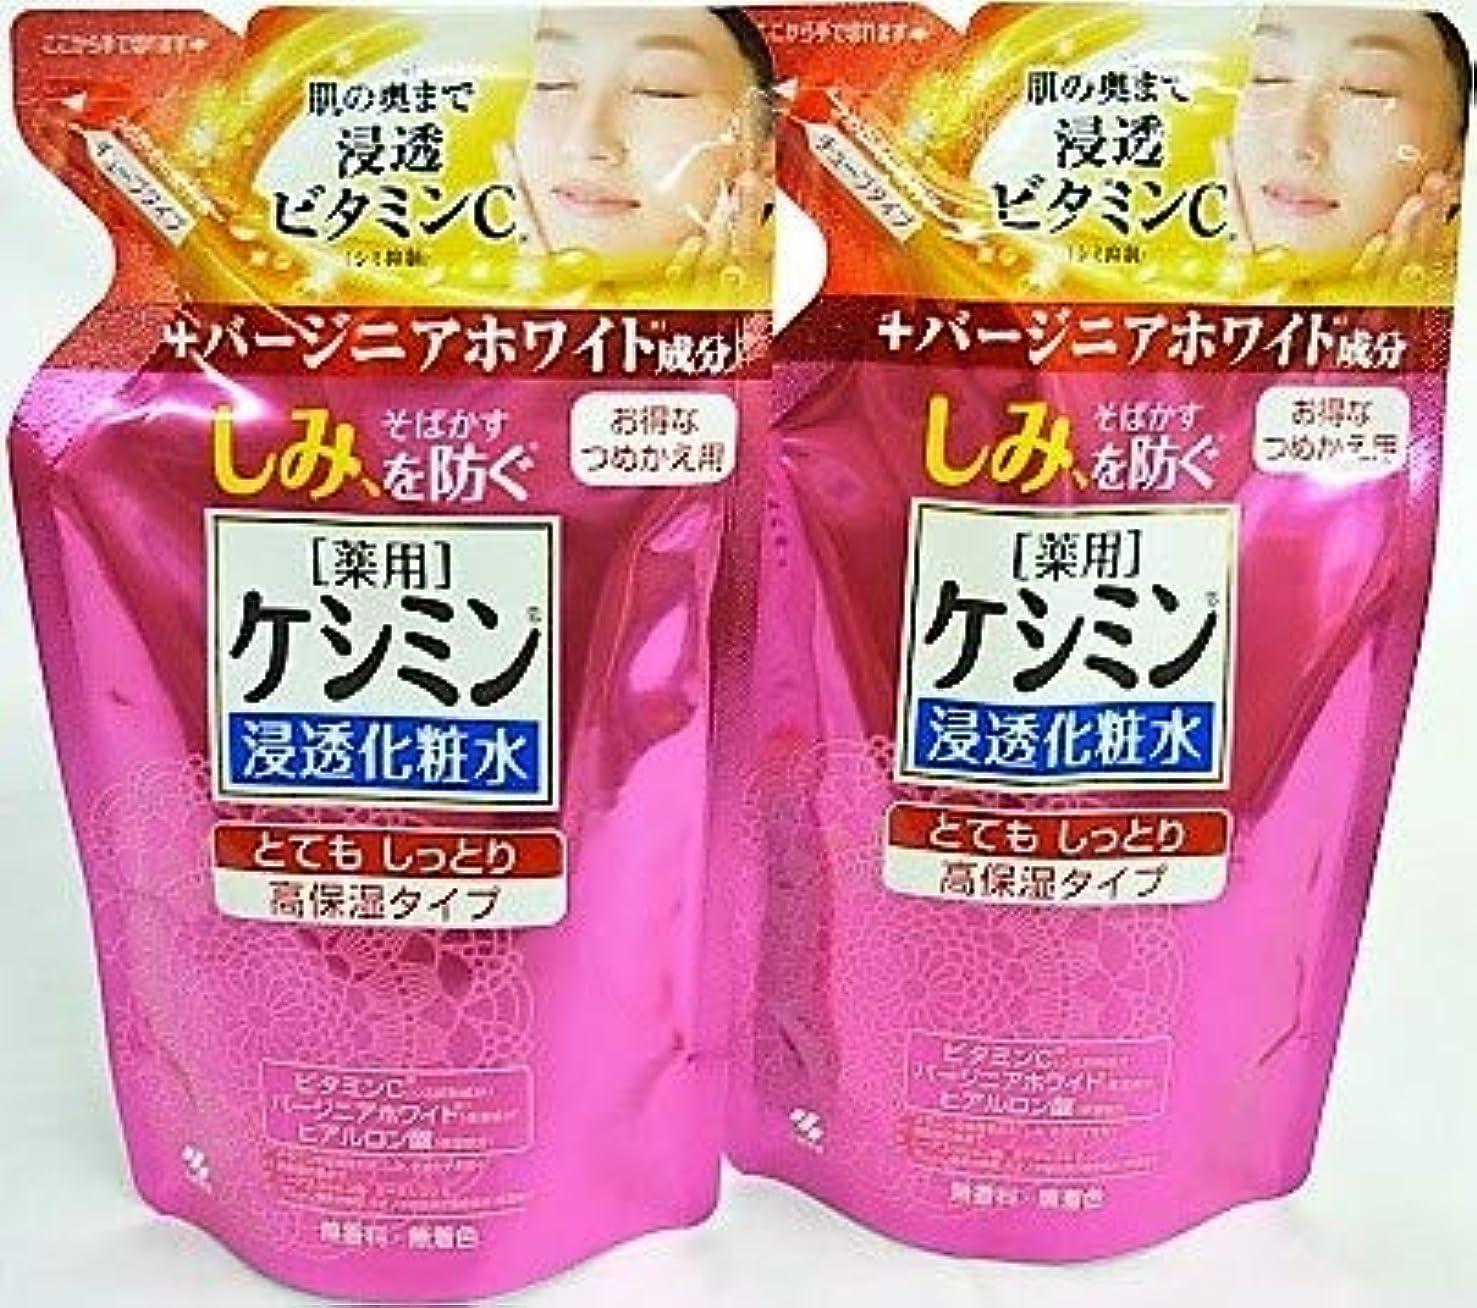 麺連続した昼食[2個セット]ケシミン浸透化粧水 とてもしっとり 詰め替え用 シミを防ぐ 140ml入り×2個